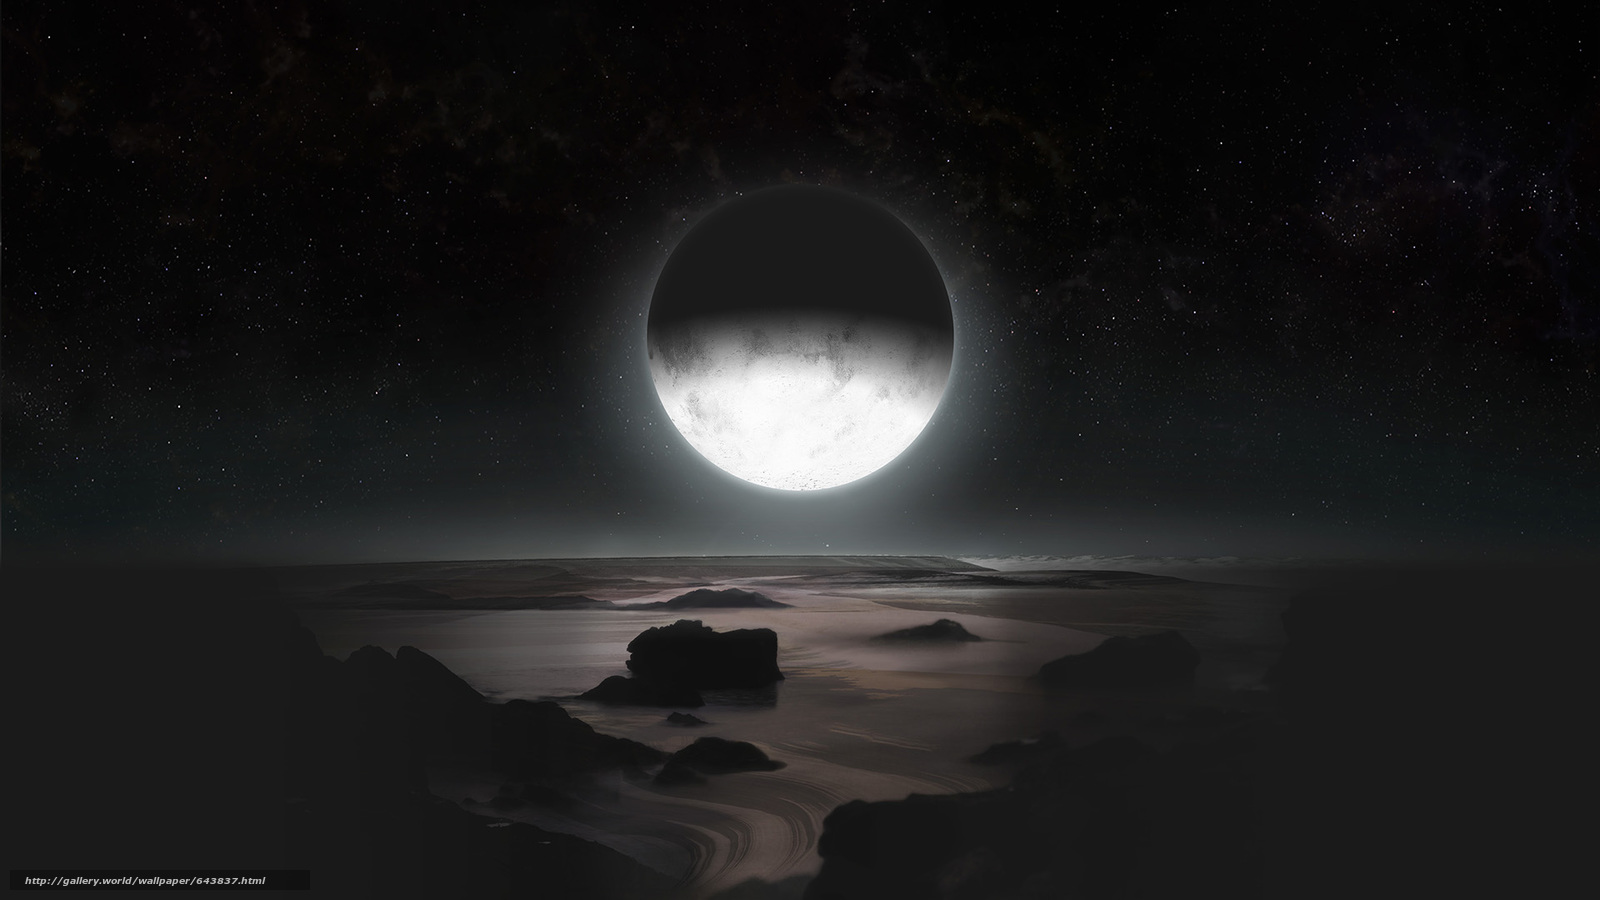 Descargar gratis Plutón,  planeta,  Satélite,  sistema solar Fondos de escritorio en la resolucin 1920x1080 — imagen №643837